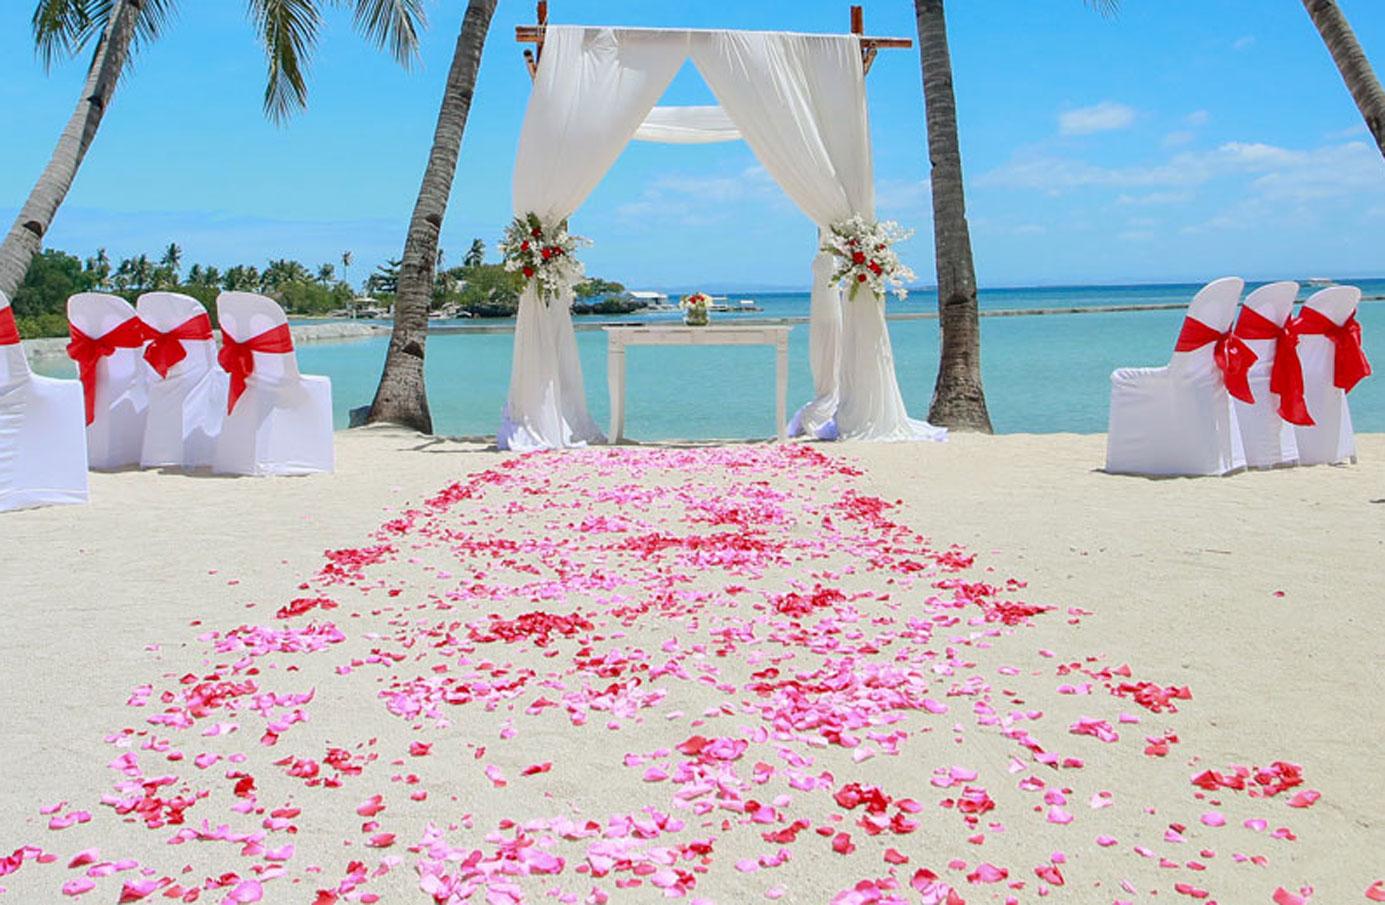 beachweddingdecoration10